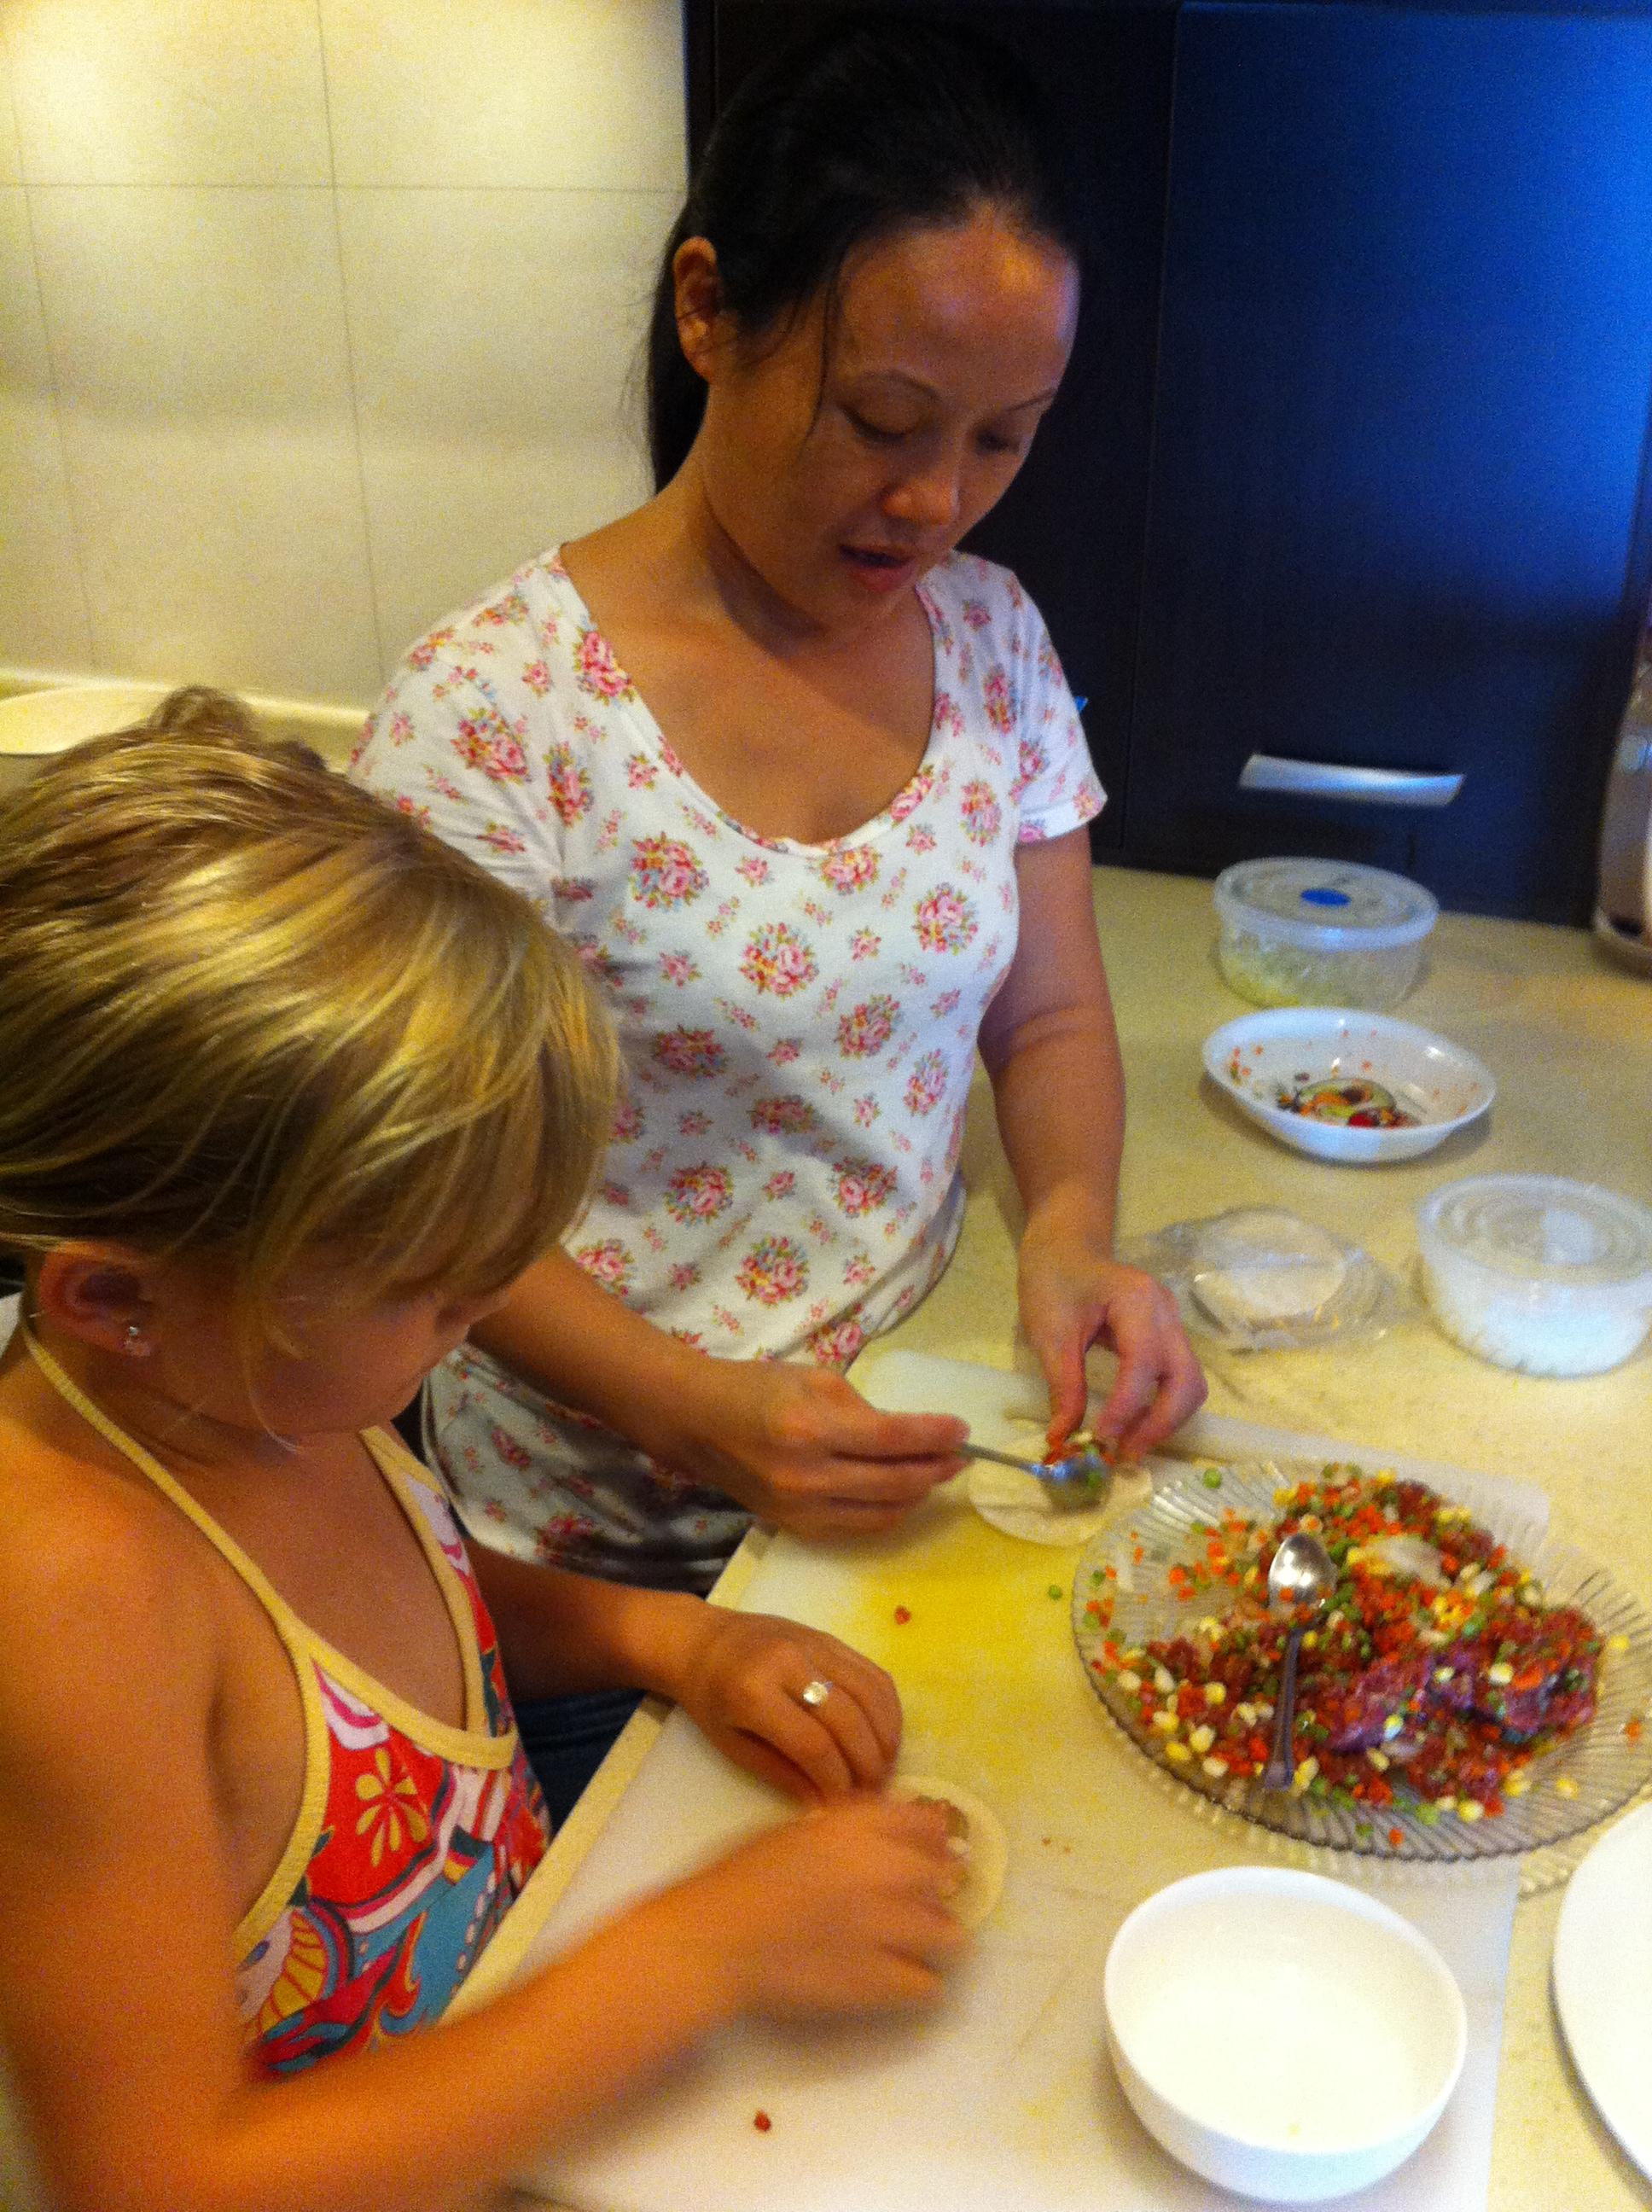 Gala mijn andere dochter leert dumplings maken van de ayi.